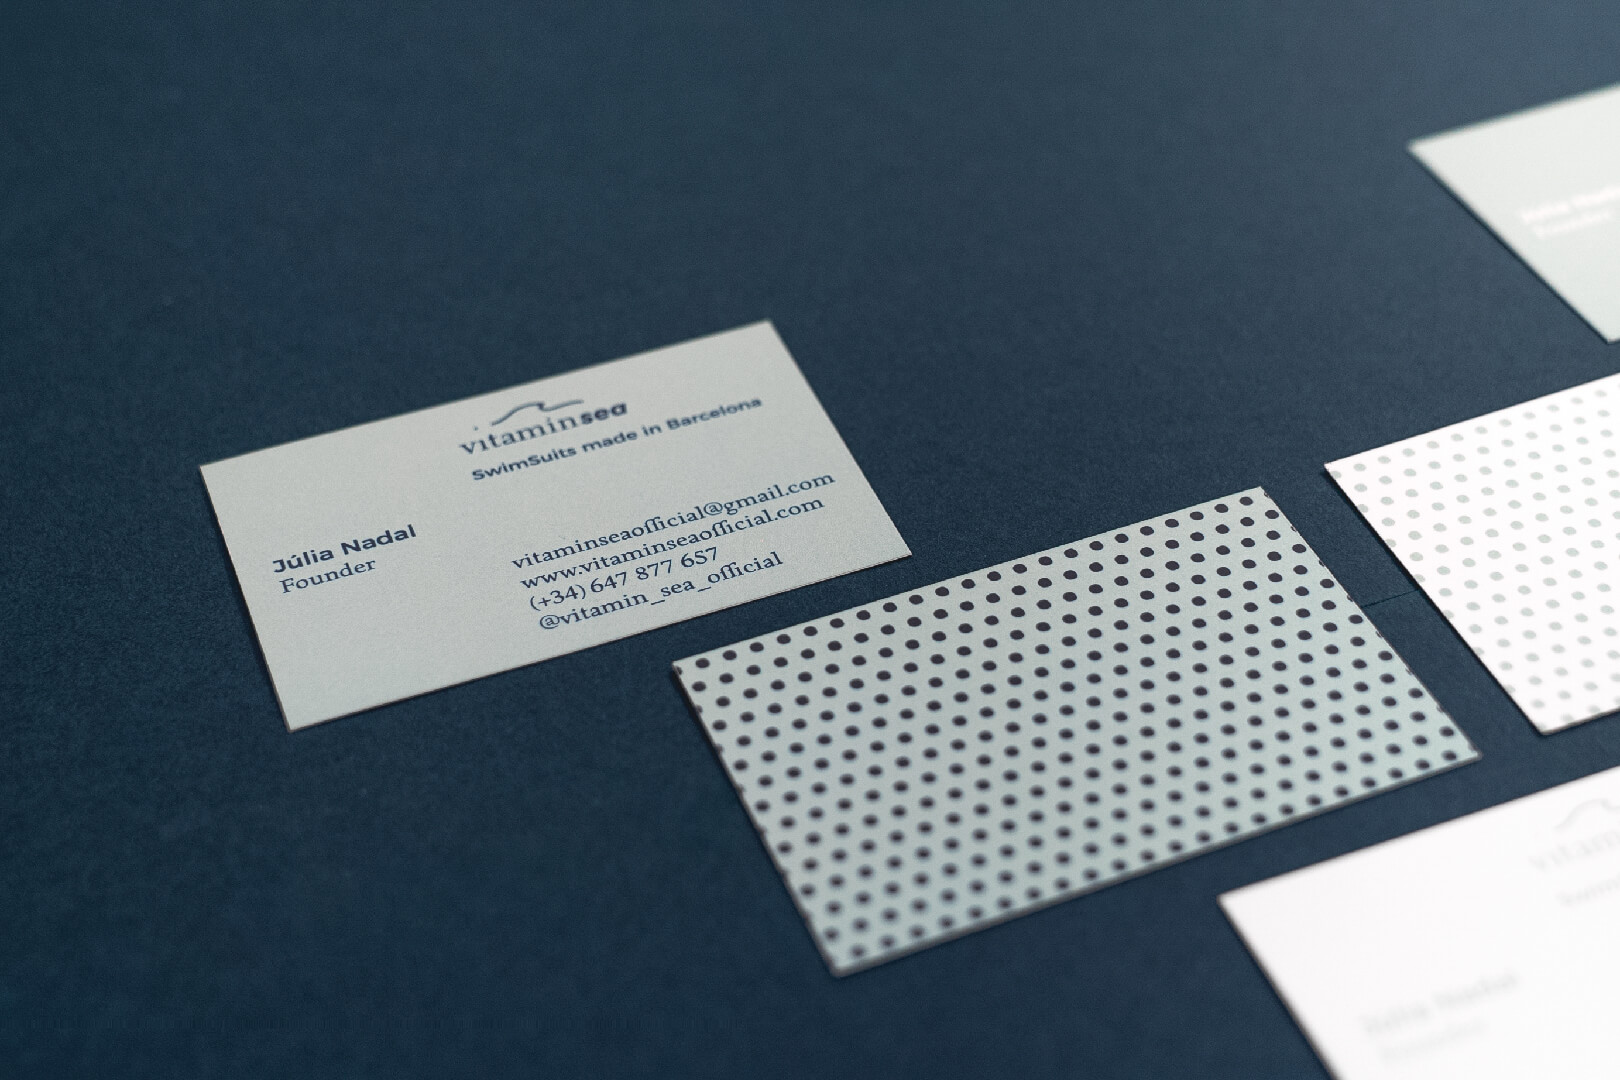 Aplicación de la marca Vitamin Sea en la papelería básica (targetas de visita)